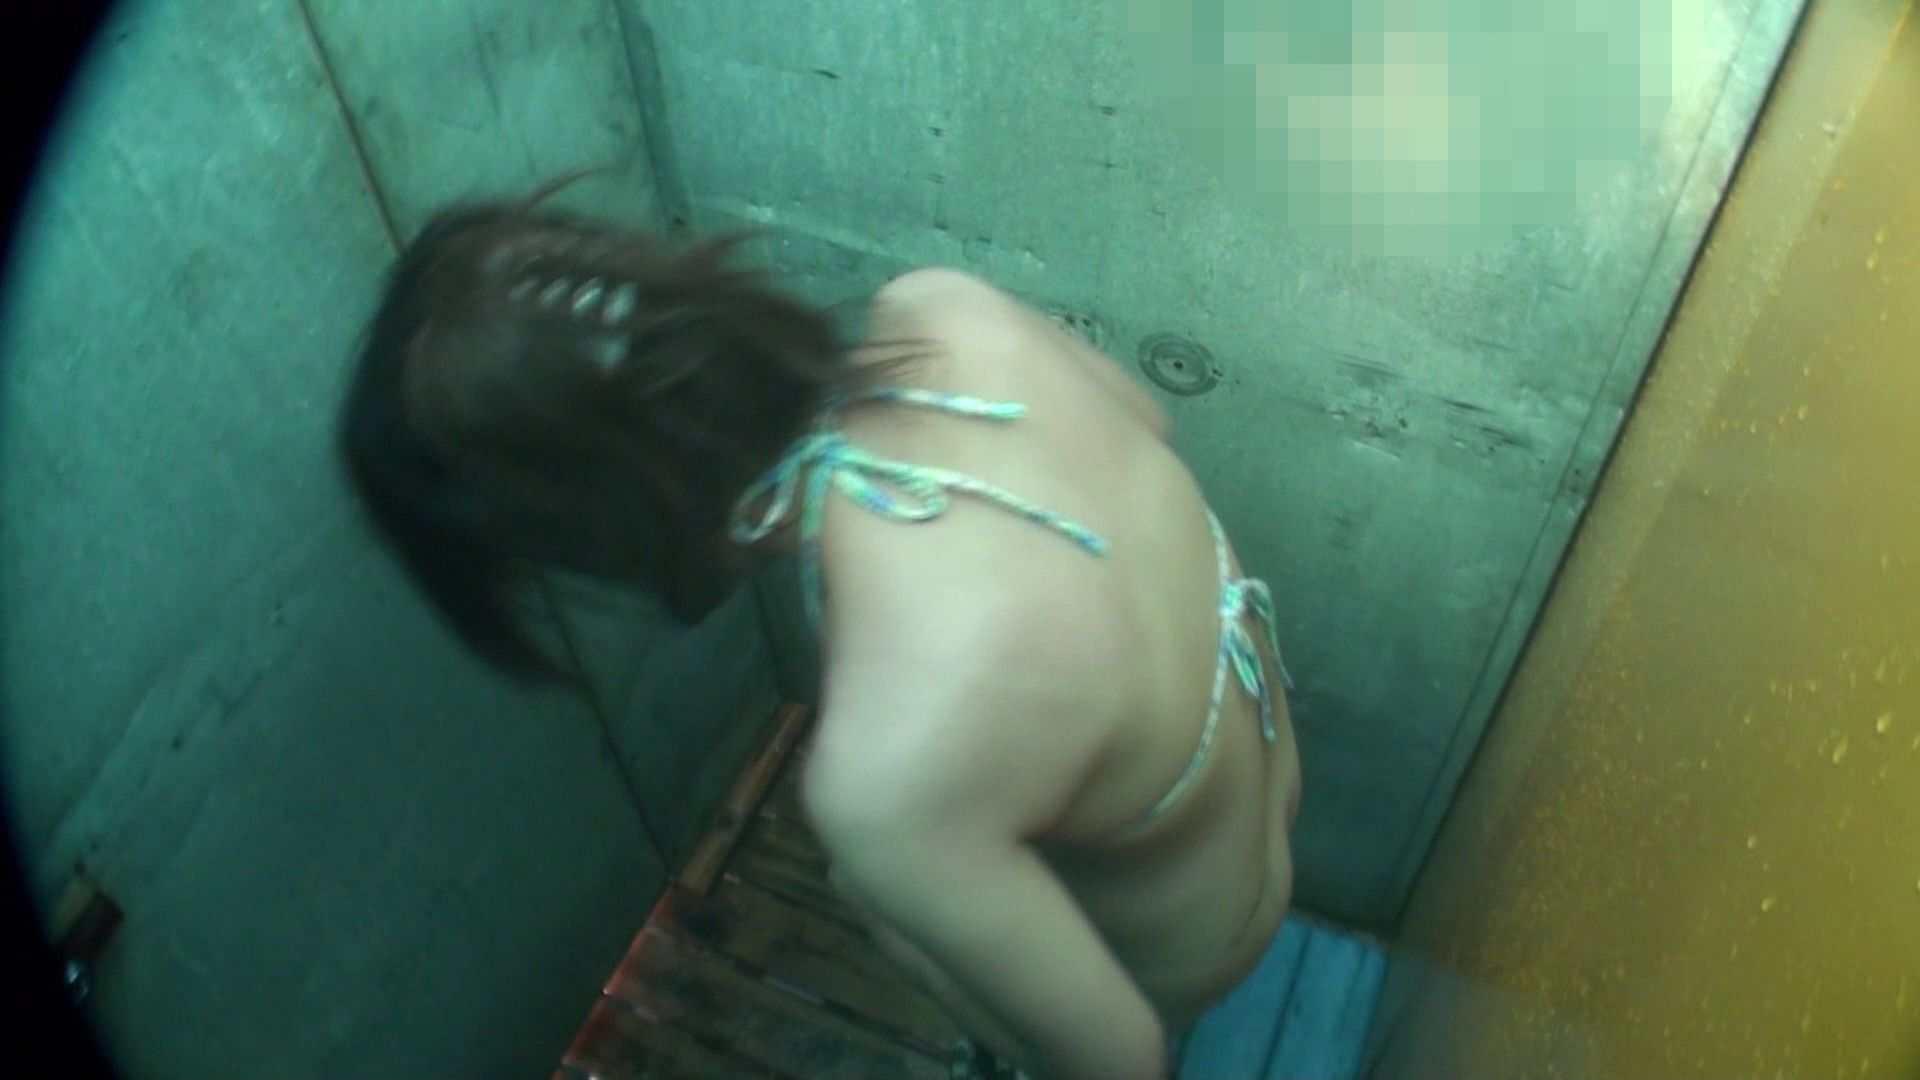 シャワールームは超!!危険な香りVol.15 残念ですが乳首未確認 マンコの砂は入念に シャワー 隠し撮りオマンコ動画紹介 63連発 3